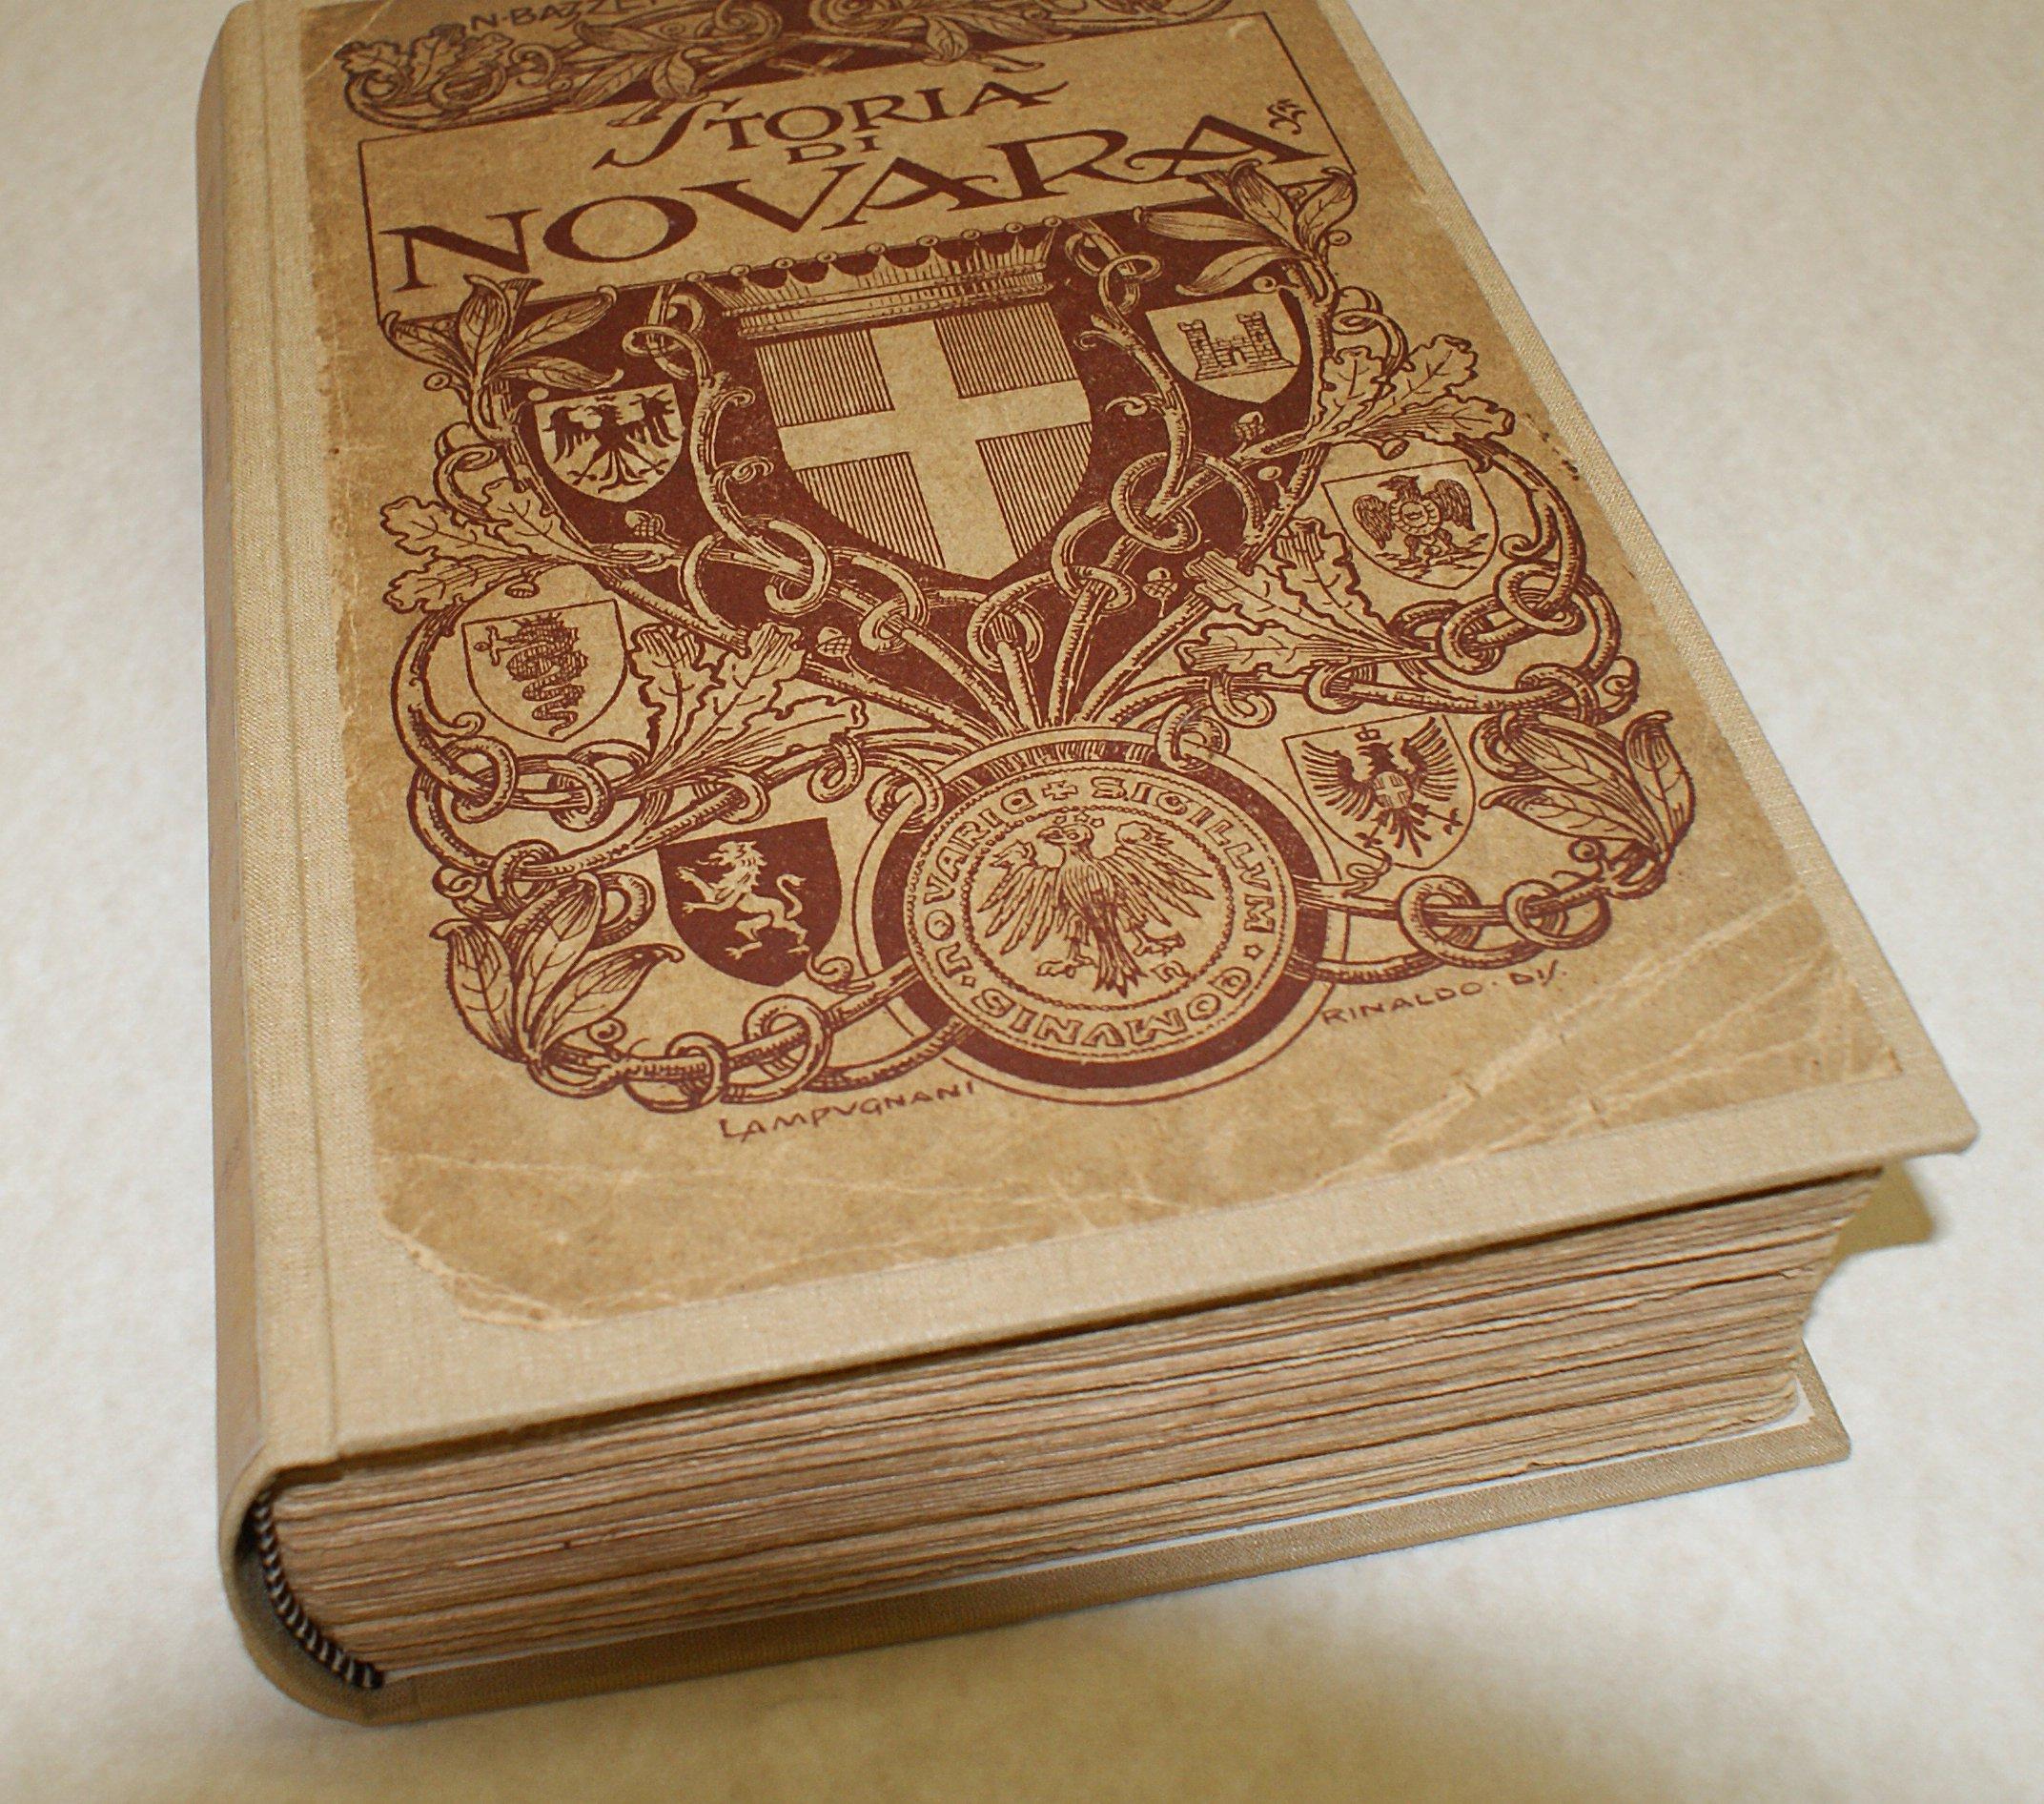 libro molto voluminoso beige e rosso restaurato